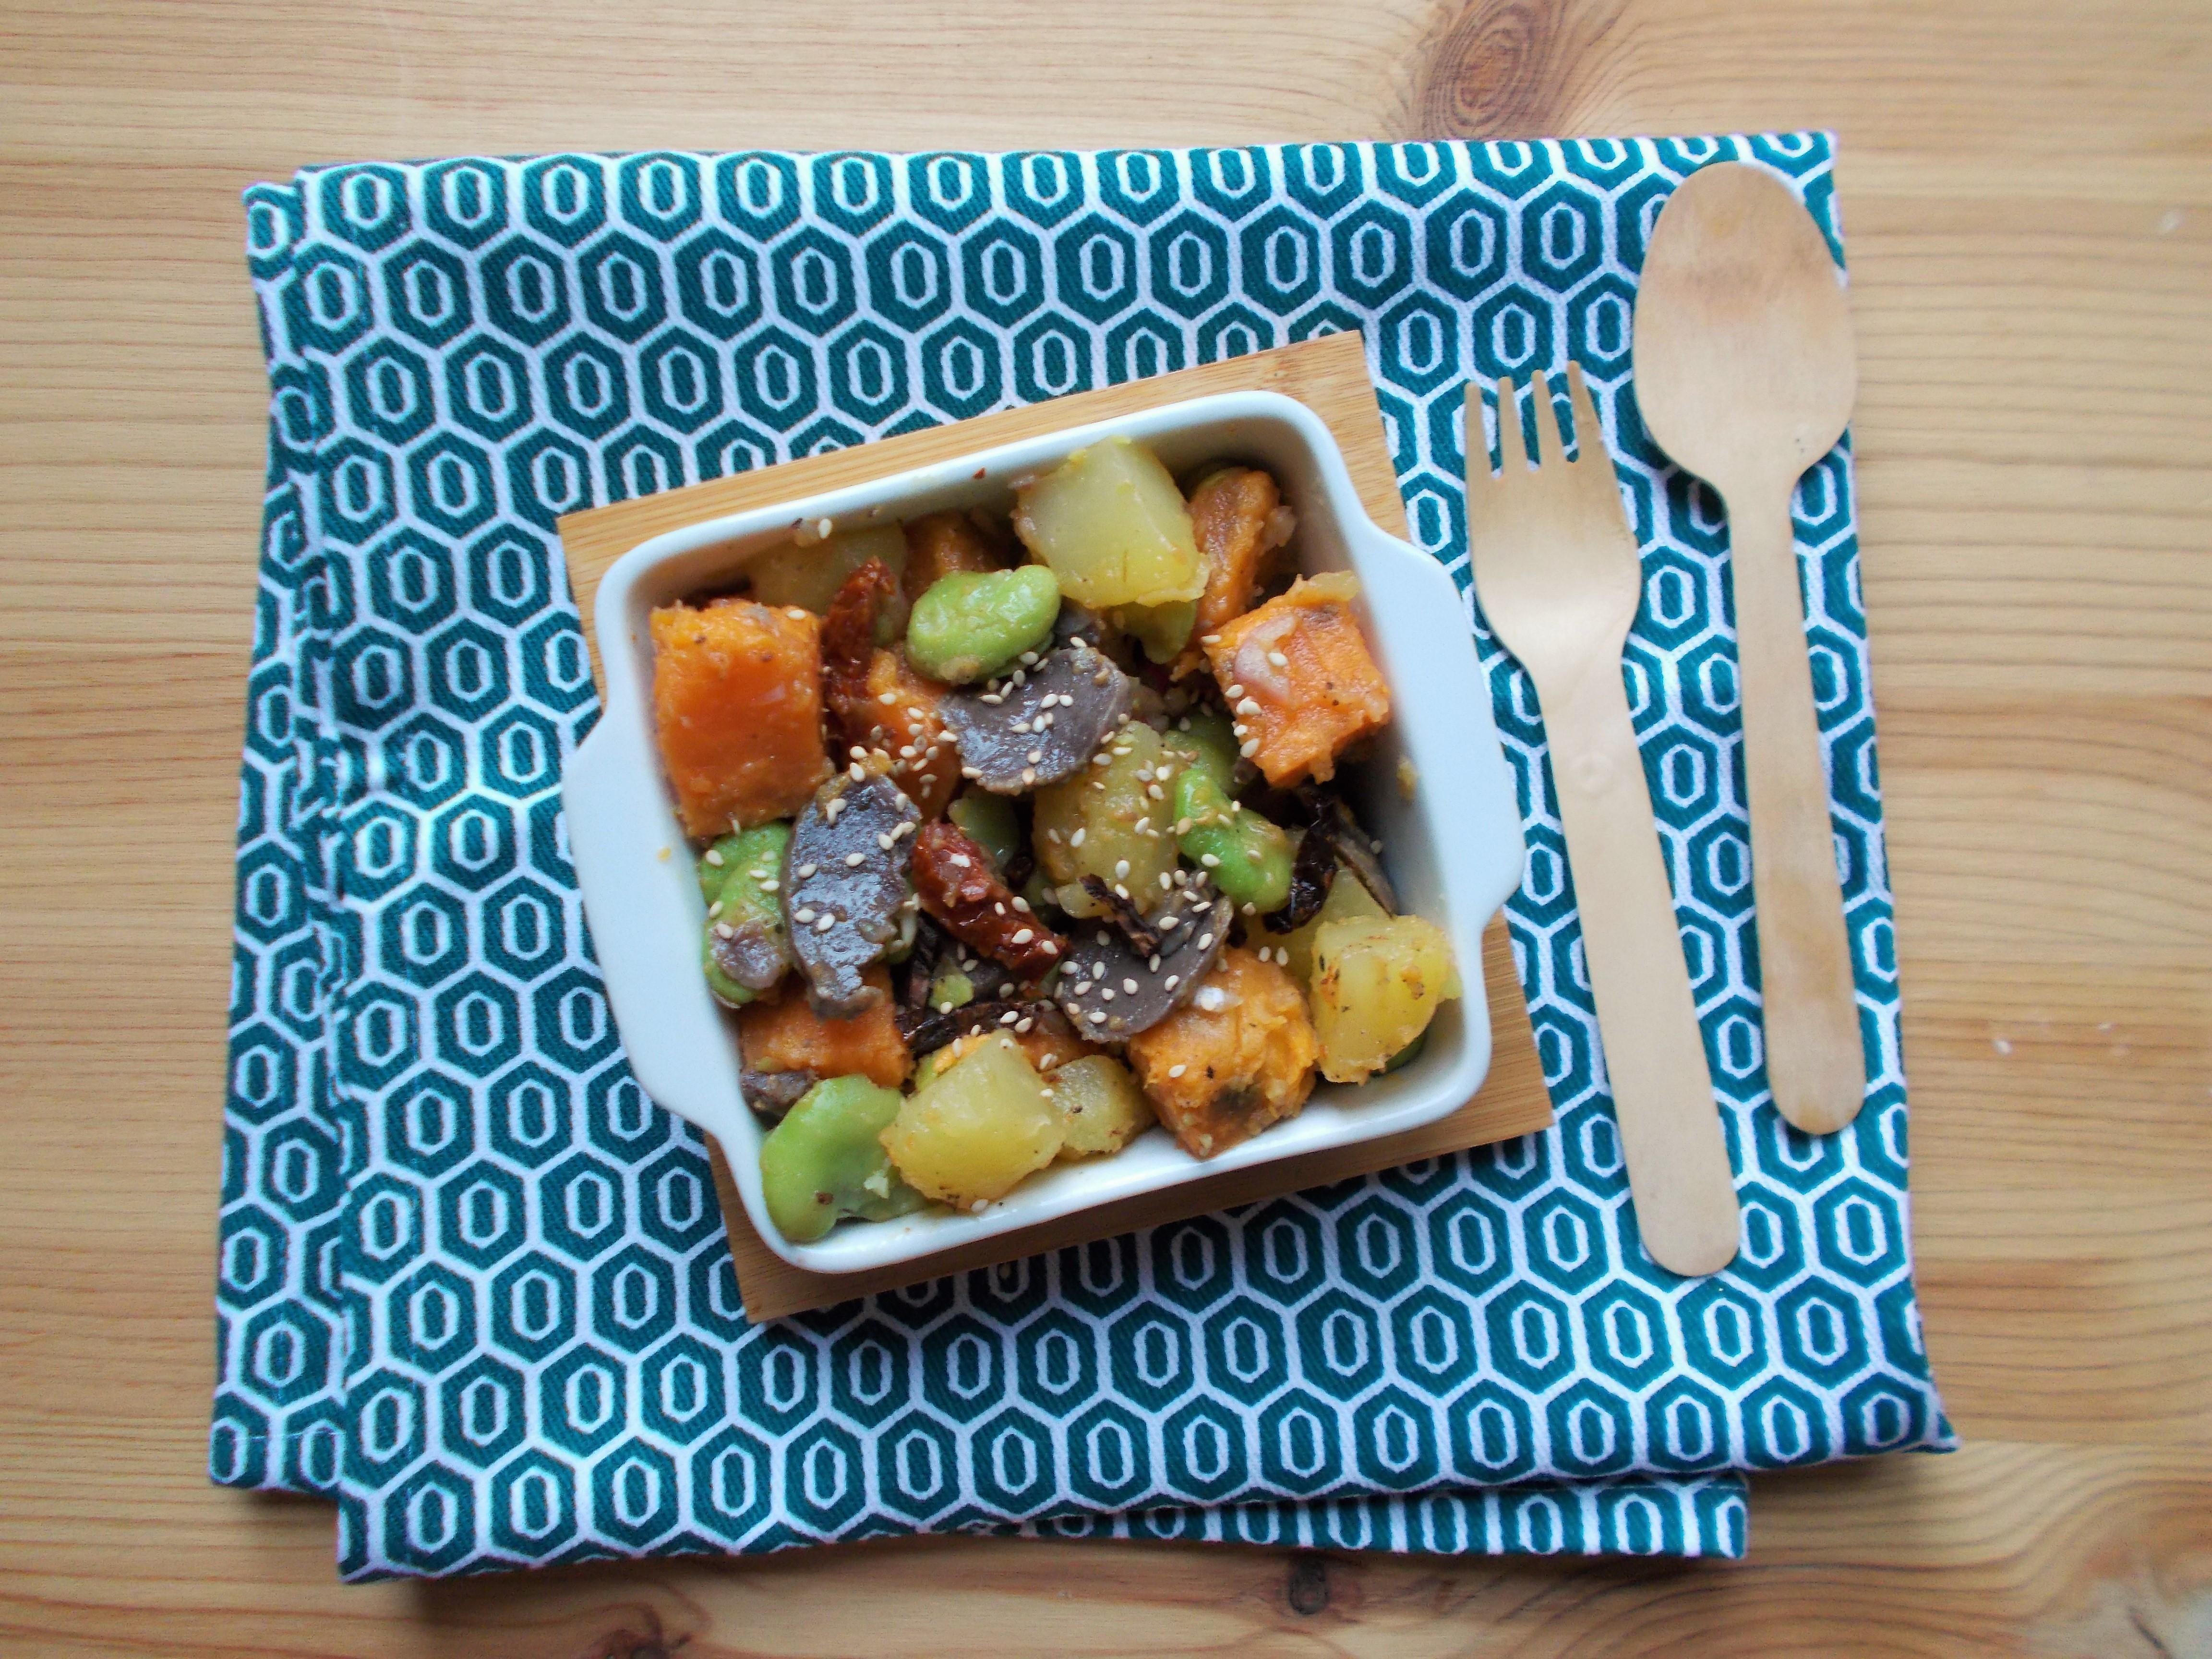 Salade de patate douce aux gésiers et fèves